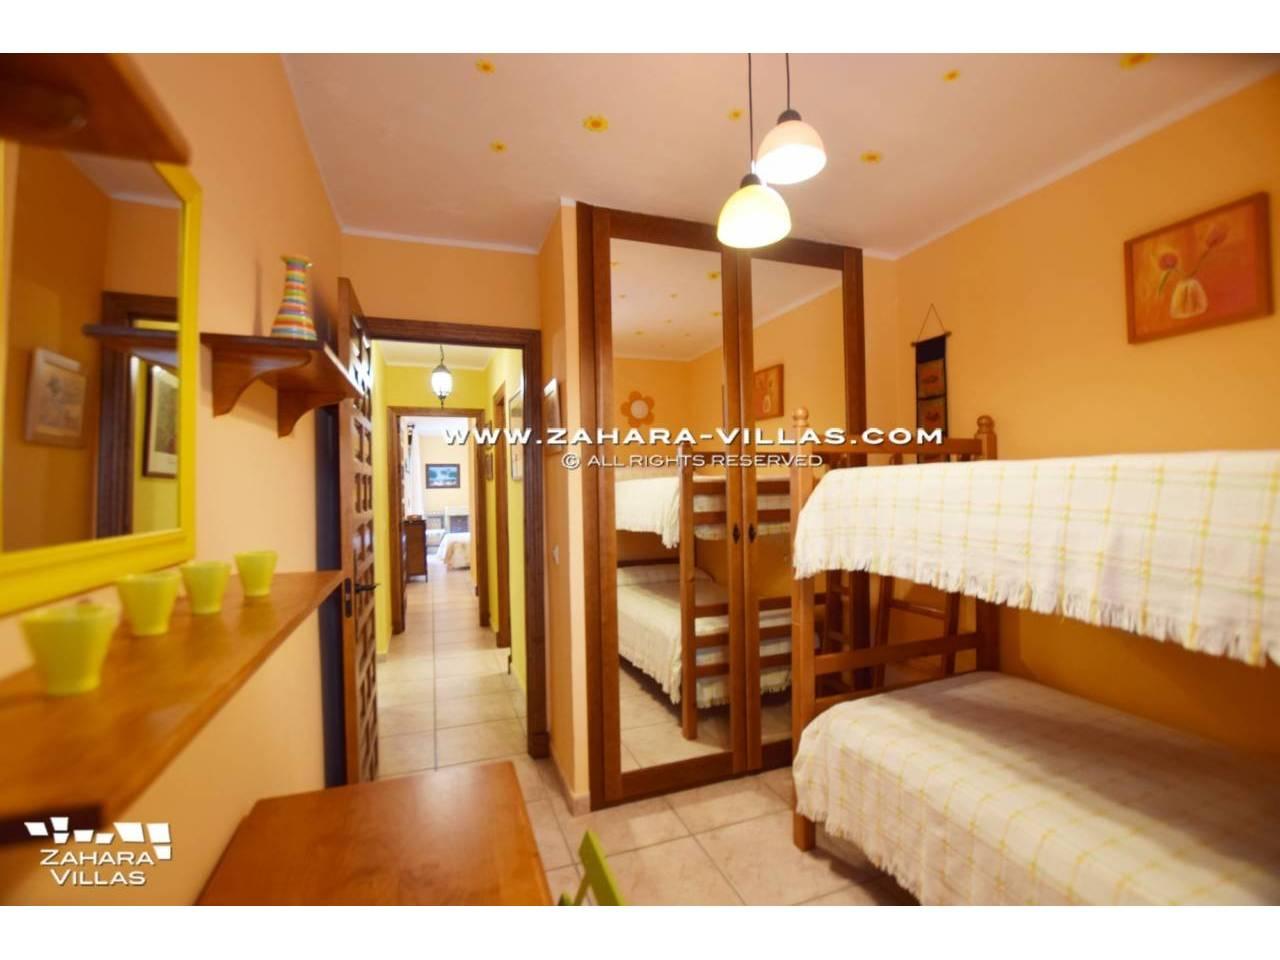 Imagen 9 de Apartamento en venta en urbanización Jardines de Zahara